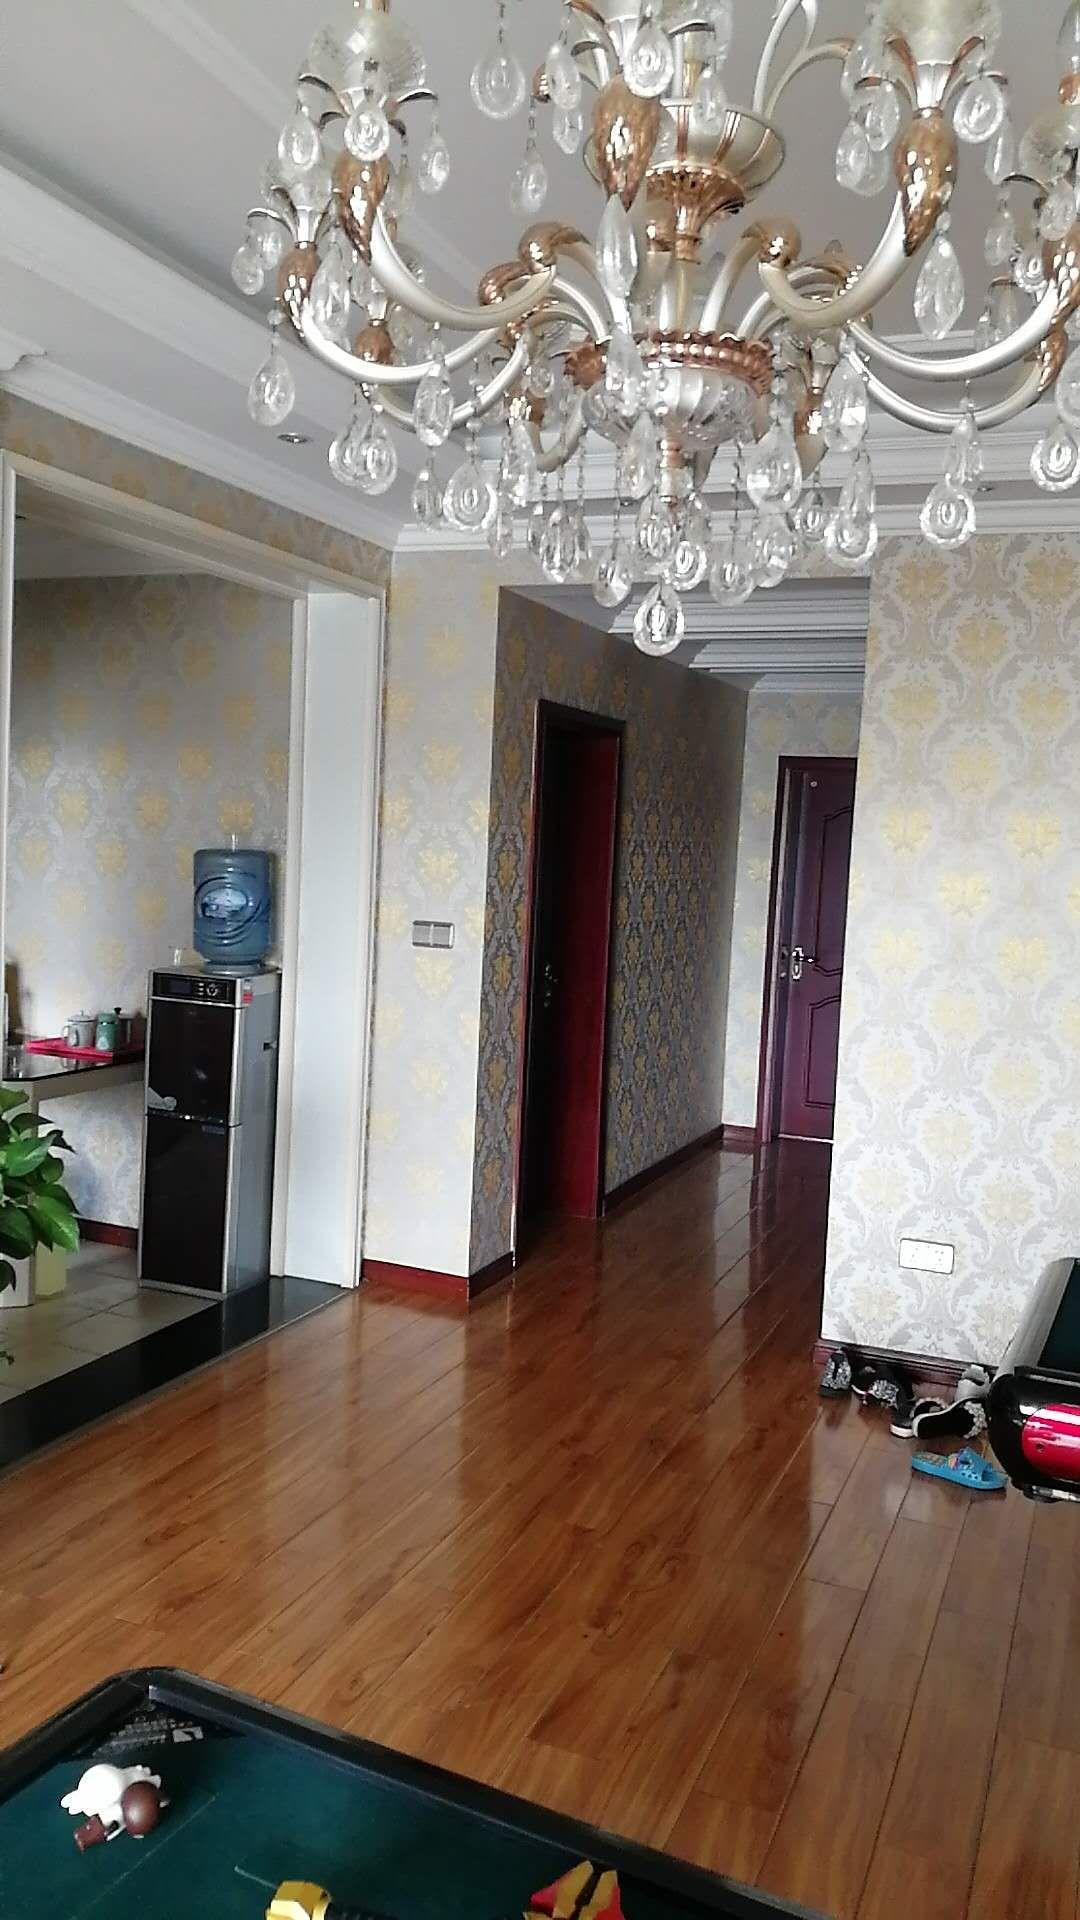 教师楼3室 2厅 2卫66.8万元